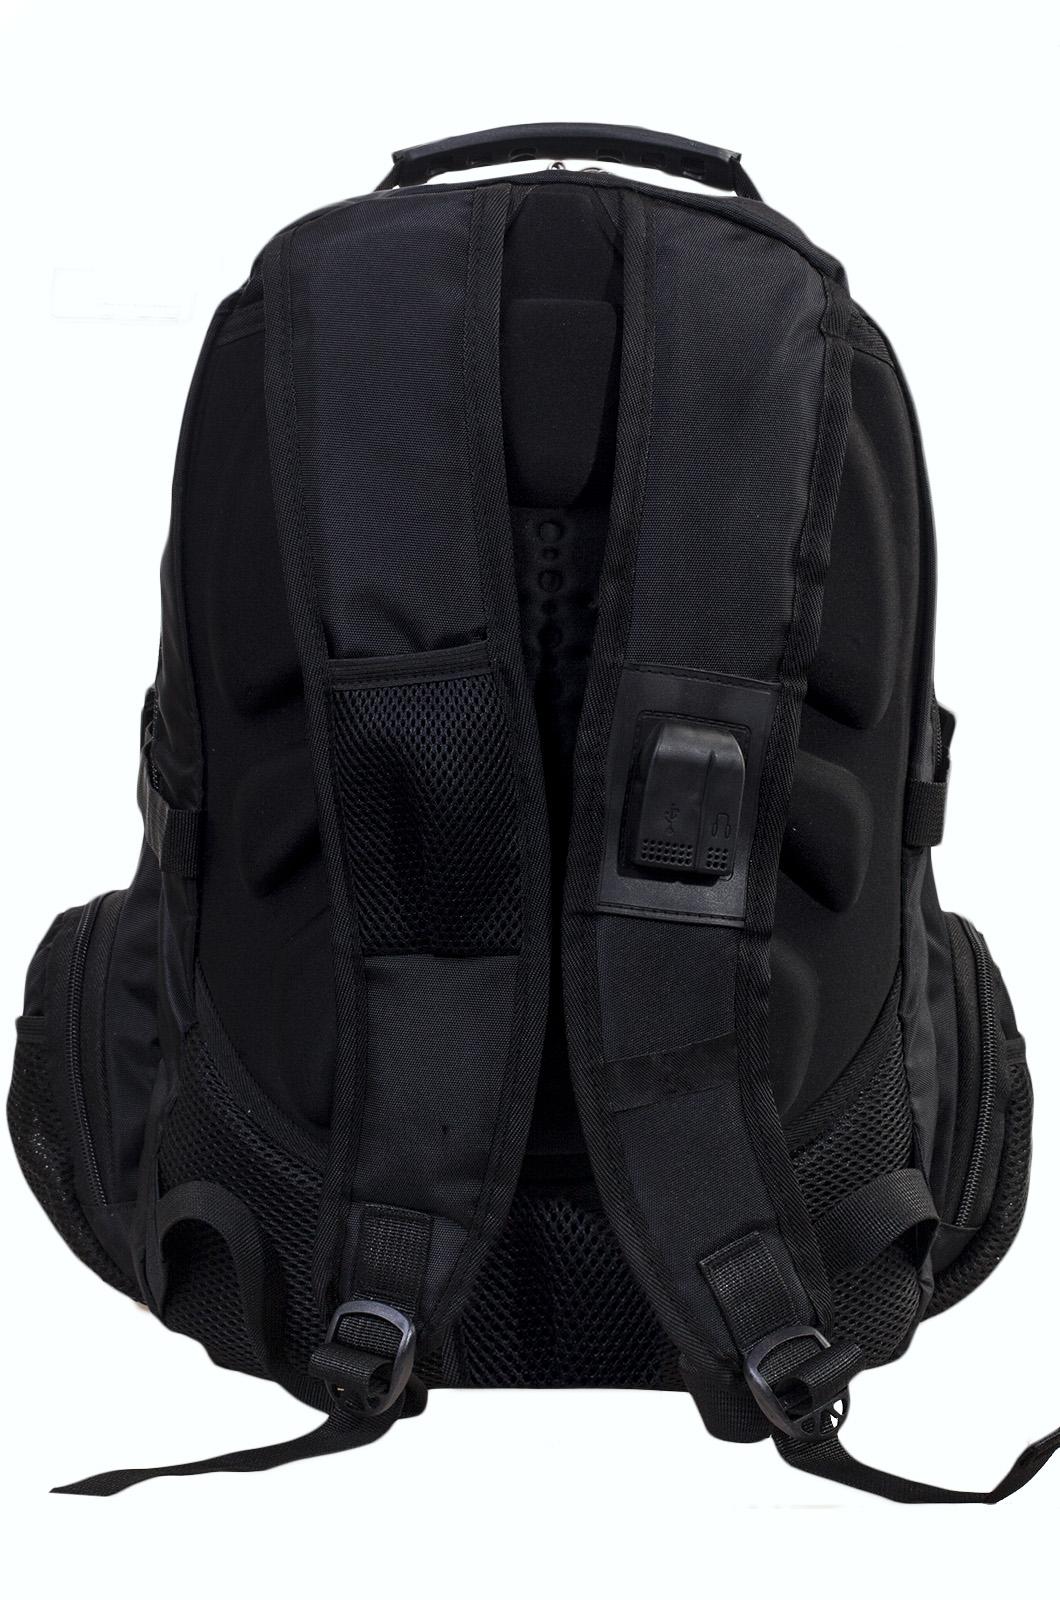 Черный эргономичный рюкзак с эмблемой Охотничий Спецназ - заказать онлайн